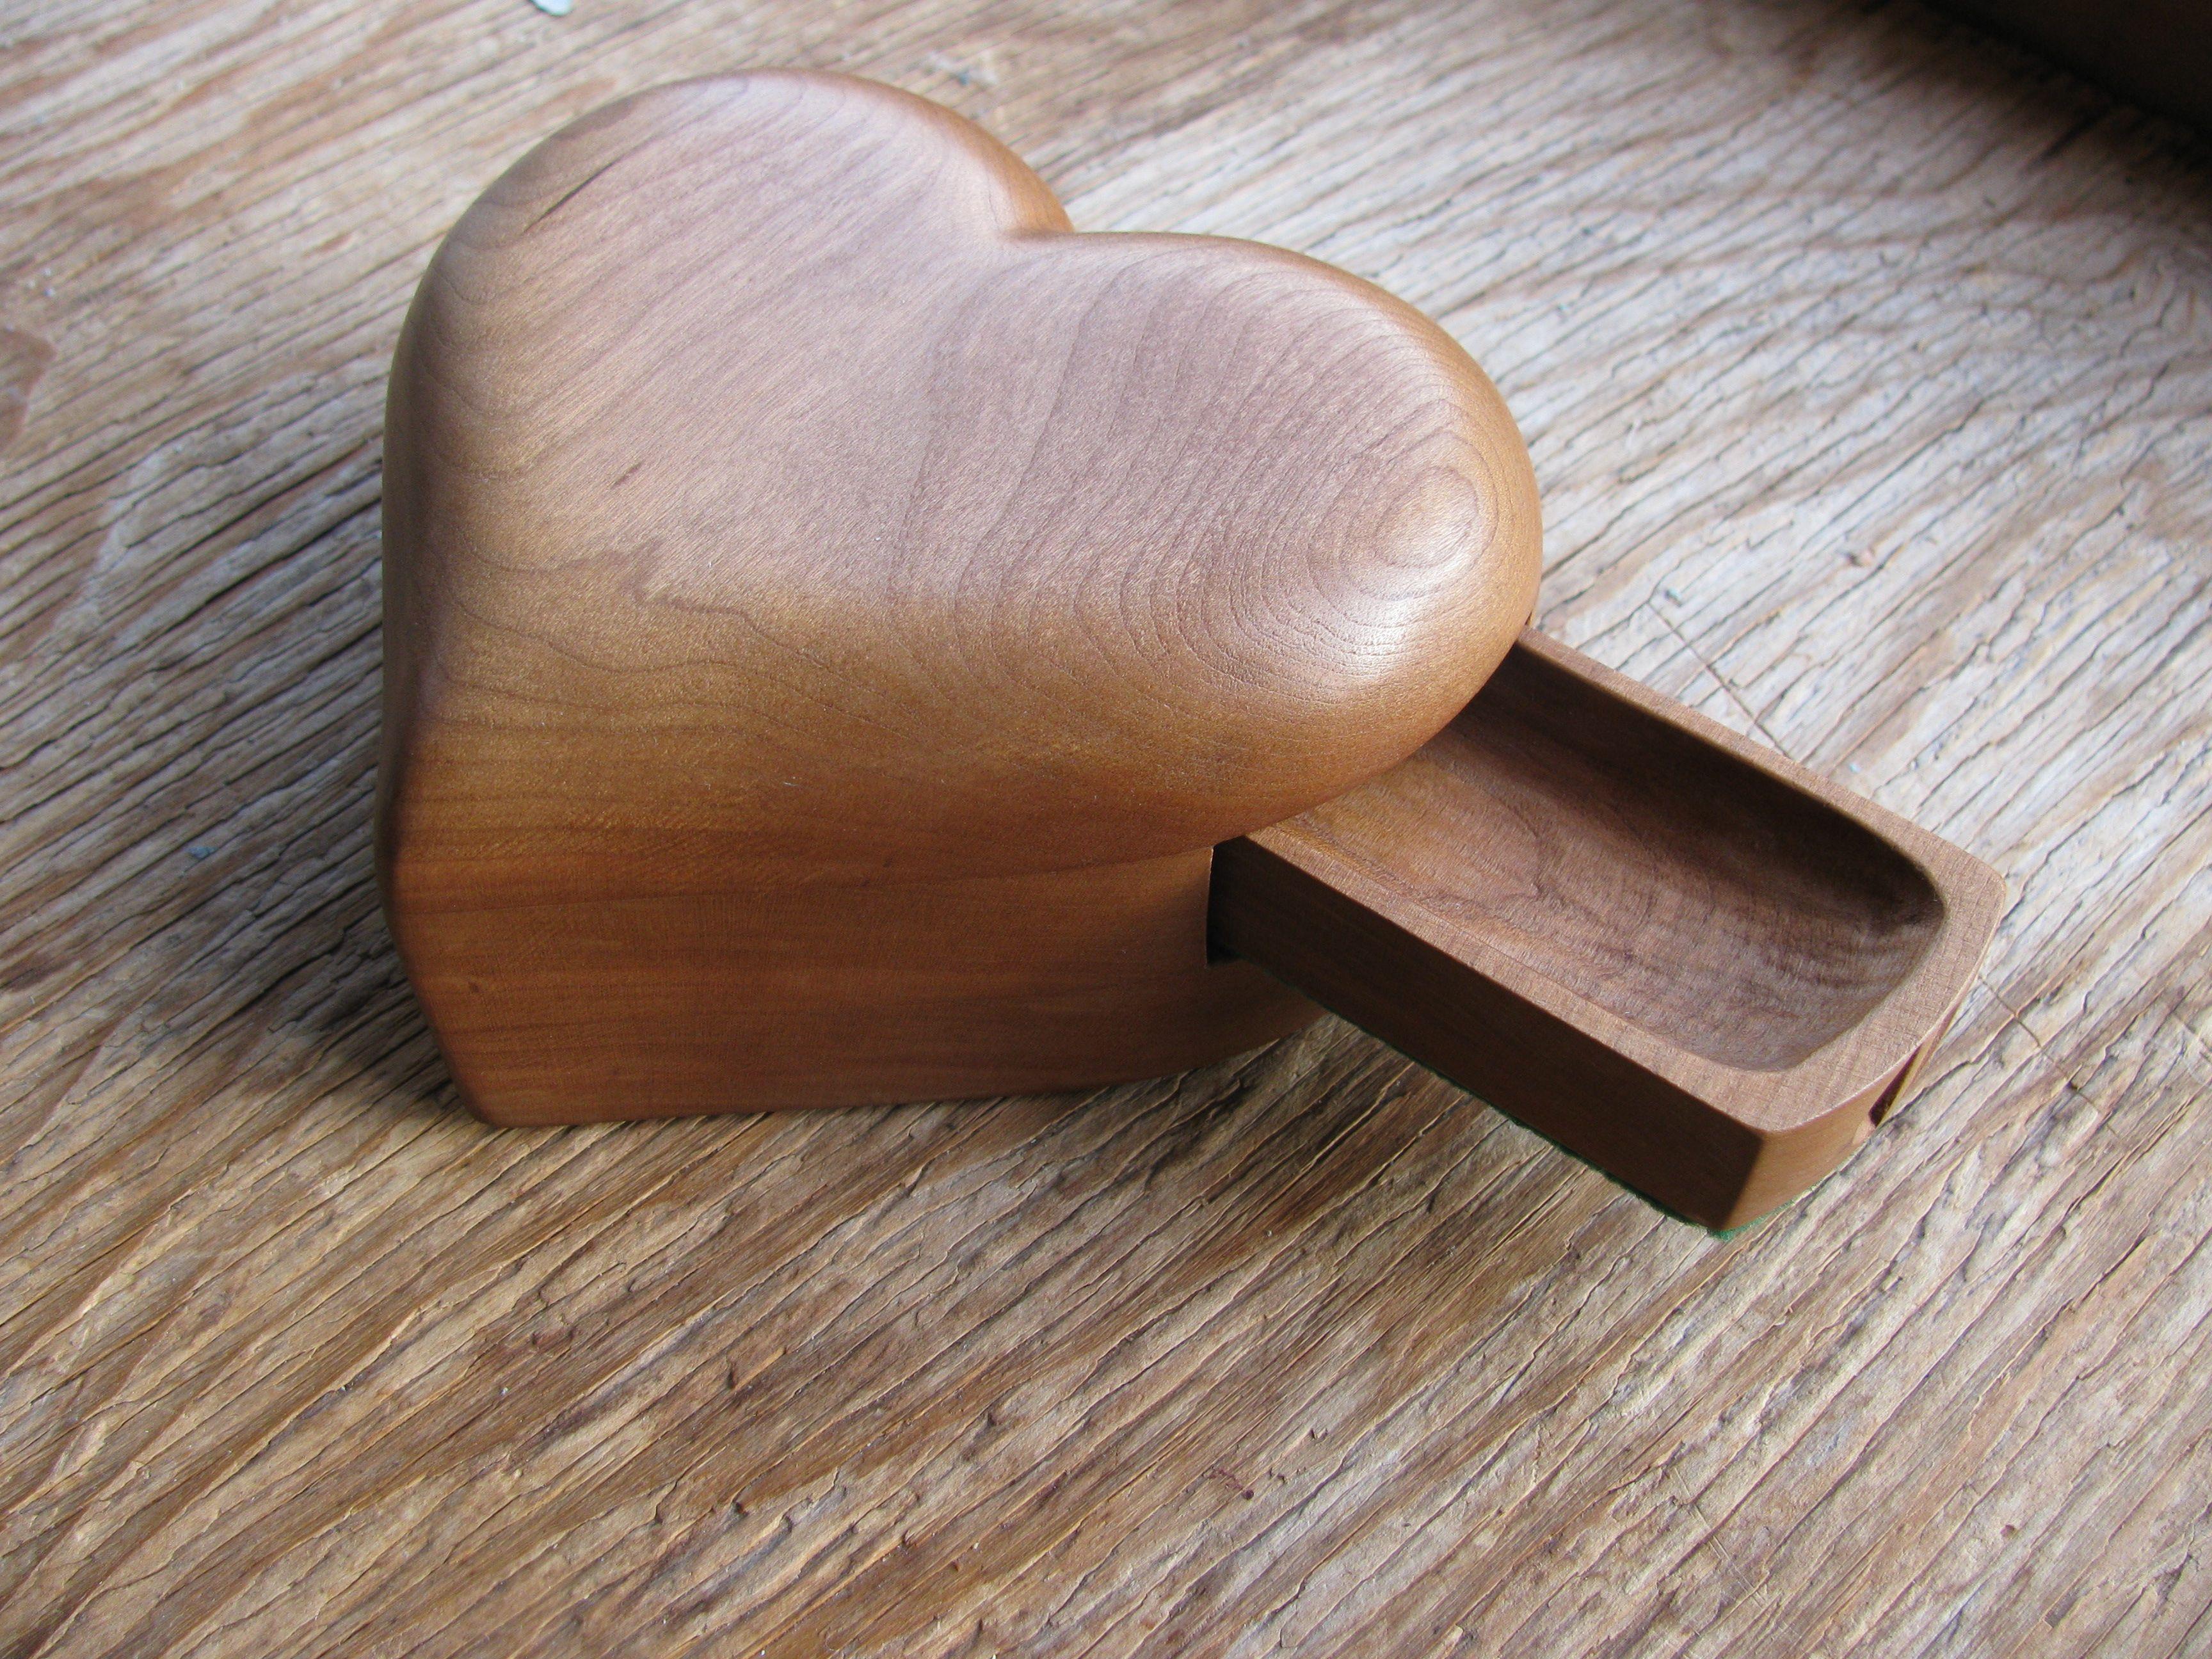 Heart Shaped Jewelry Box Maine Shore Shop Gifts Joyeros De Madera Joyeria Madera Juguetes De Madera